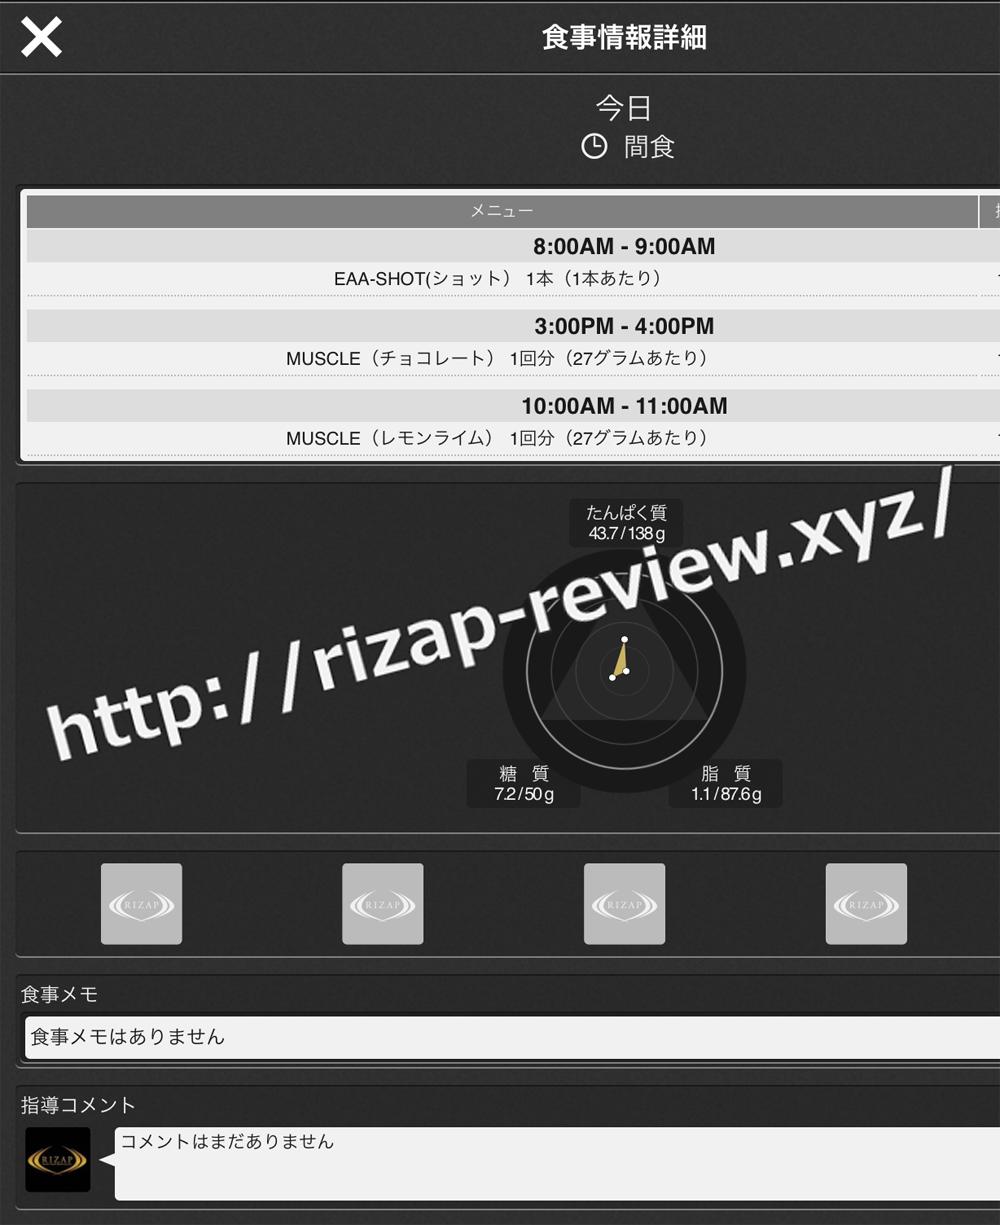 2018.10.8(月)ライザップ流の間食